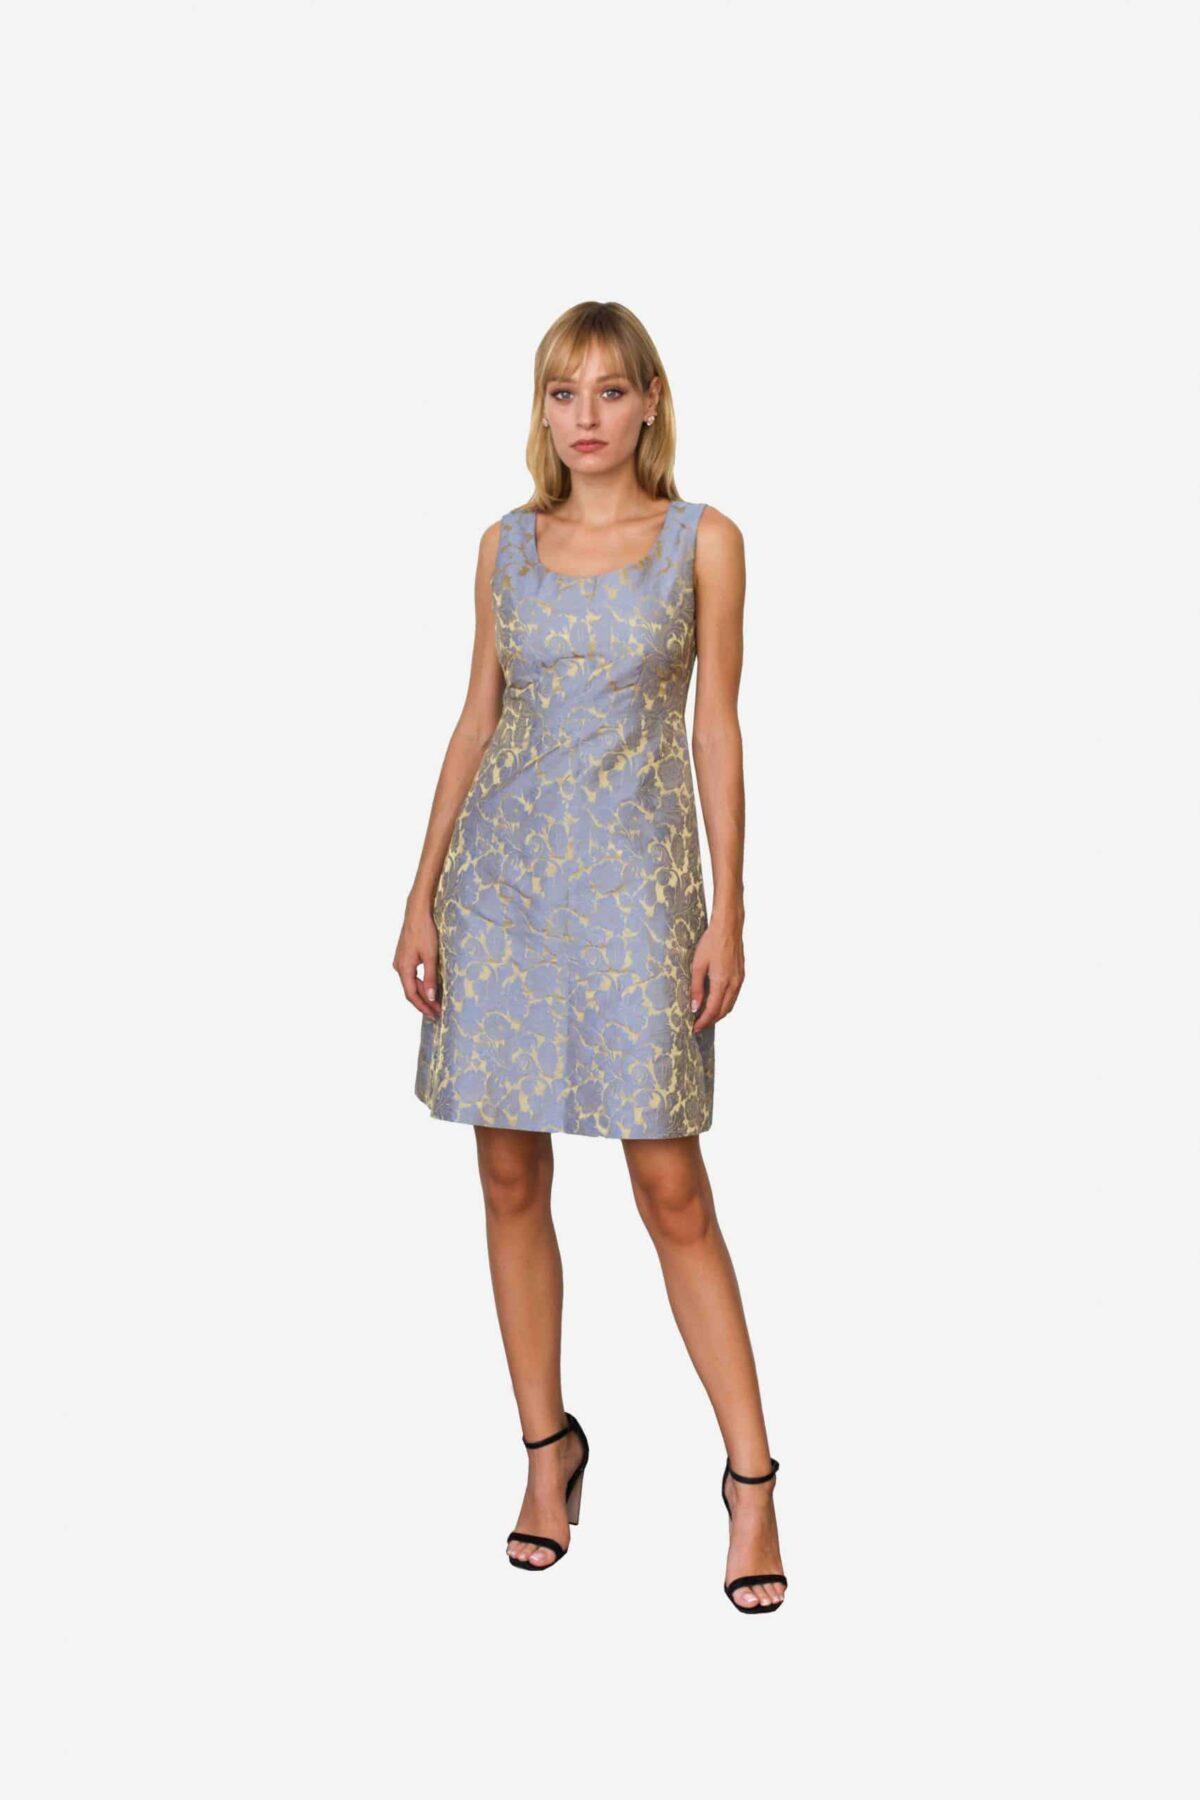 Kleid Madeleine von SANOGE. Elegantes Etuikleid aus Jacquard Stoff in blau und gold. Slim Fit. Hergestellt in Deutschland.